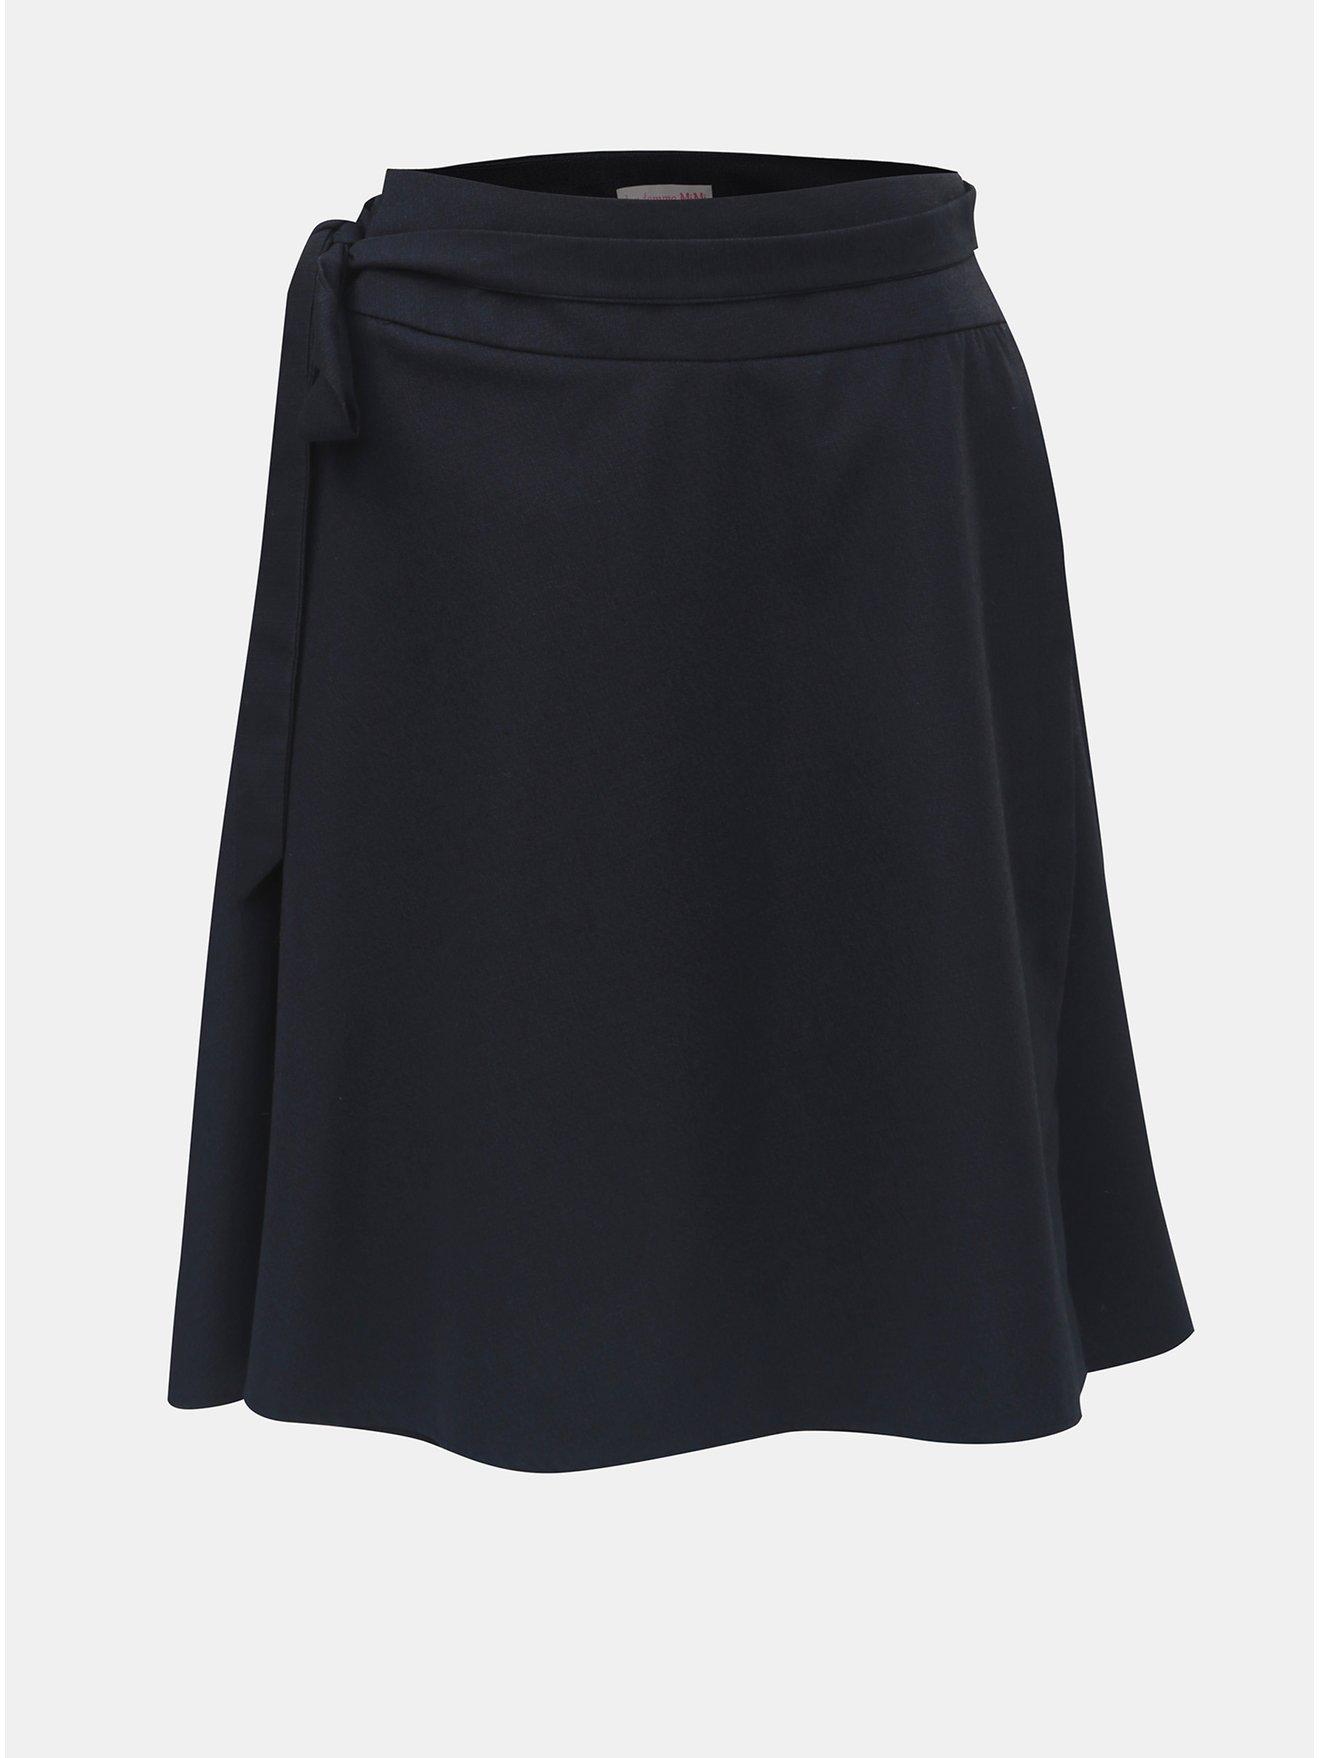 Tmavě modrá zavinovací sukně s příměsí kašmíru a se sklady v zadní části La femme MiMi